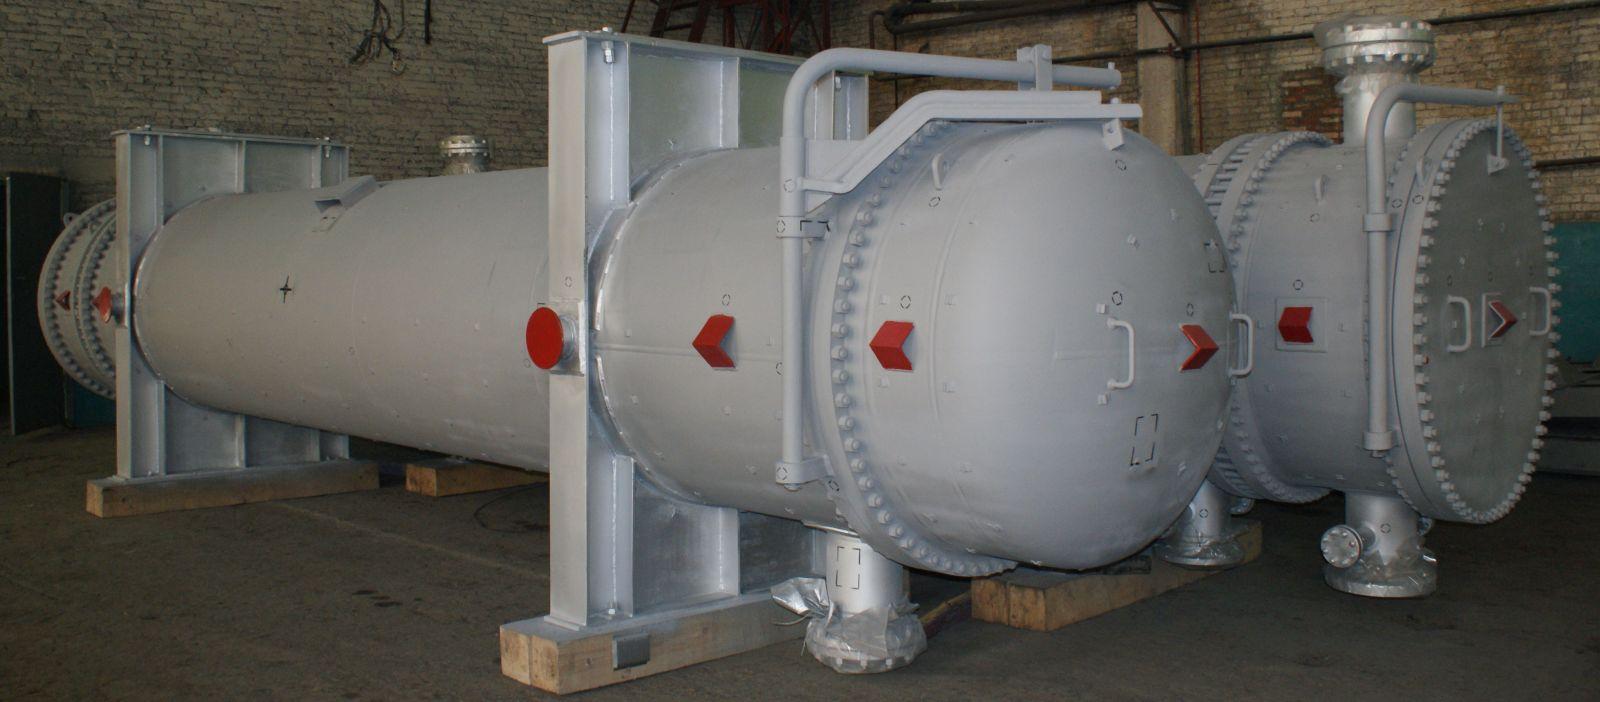 Теплообменные аппараты поверхностного типа gwh 13-2 co p теплообменник купить